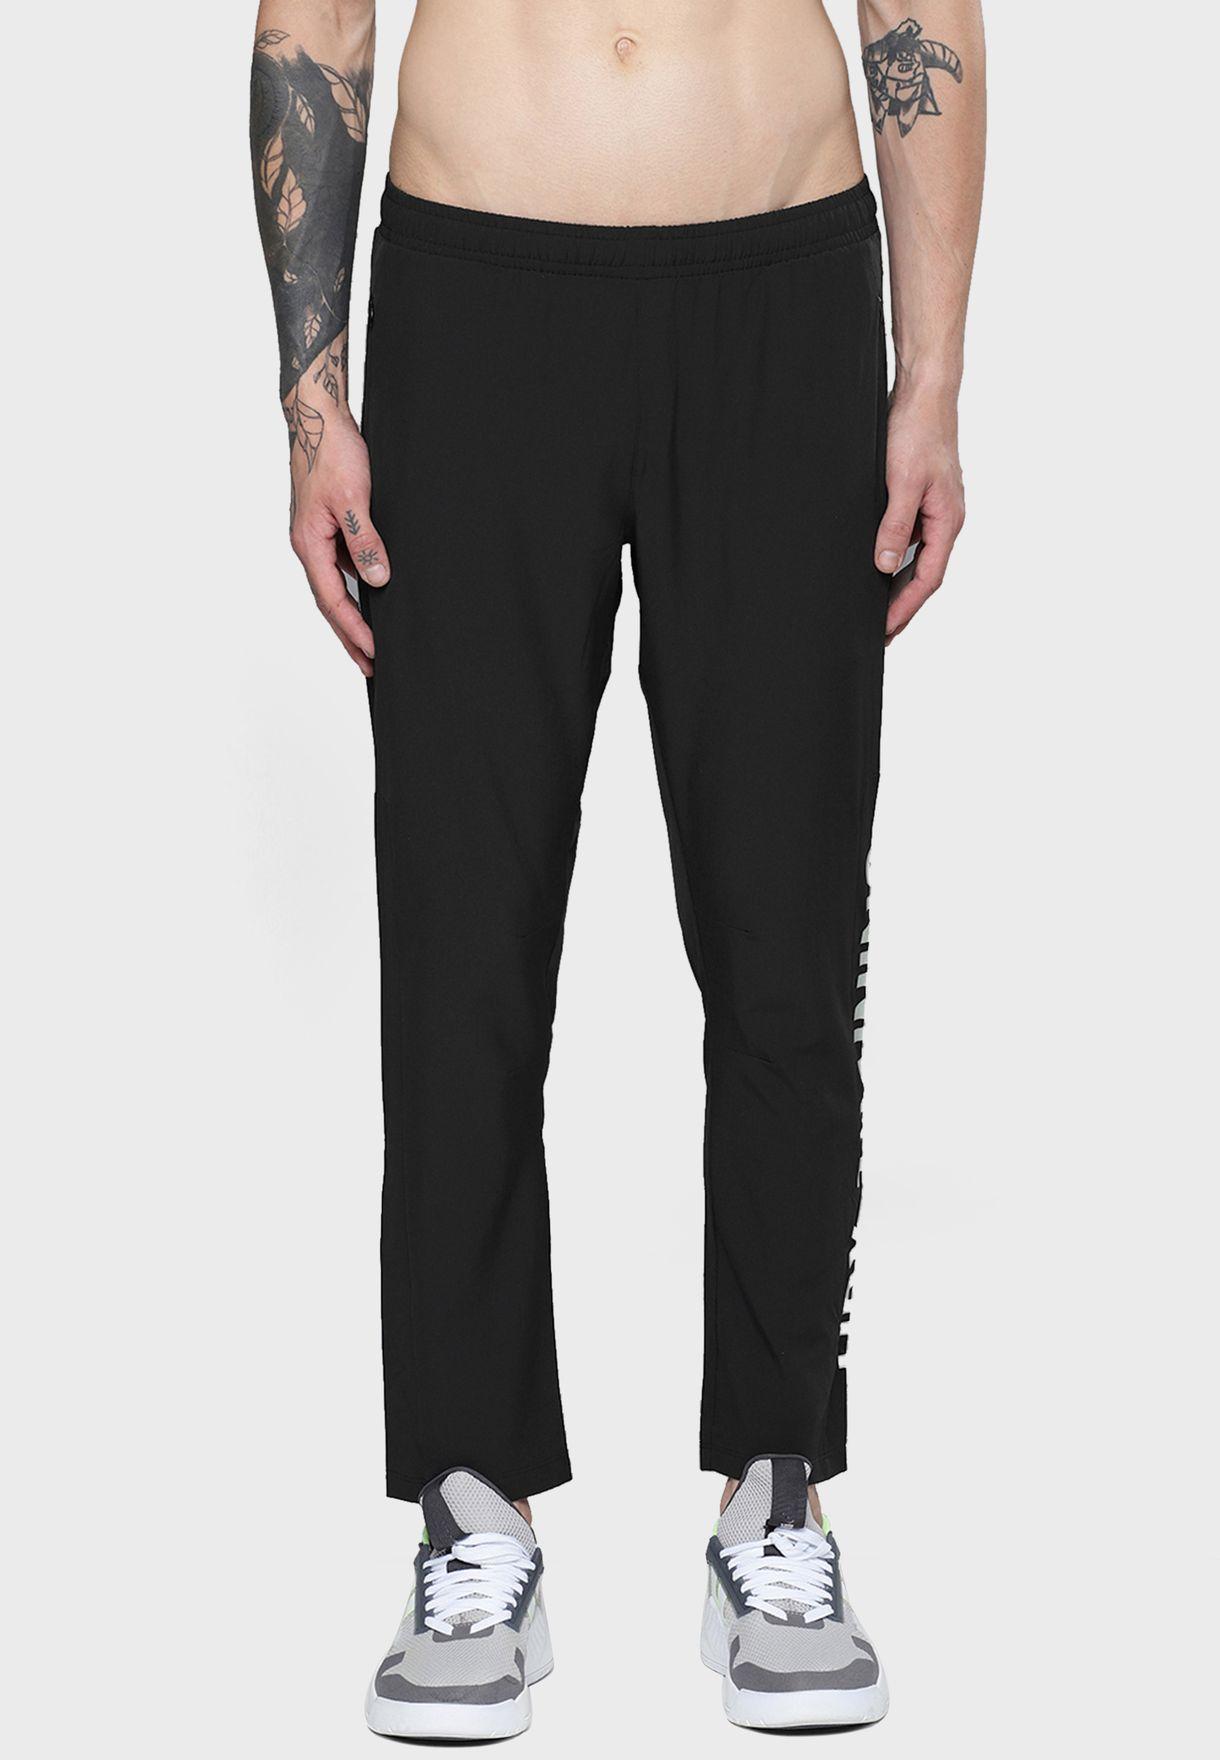 Rapid Dry Sweatpants